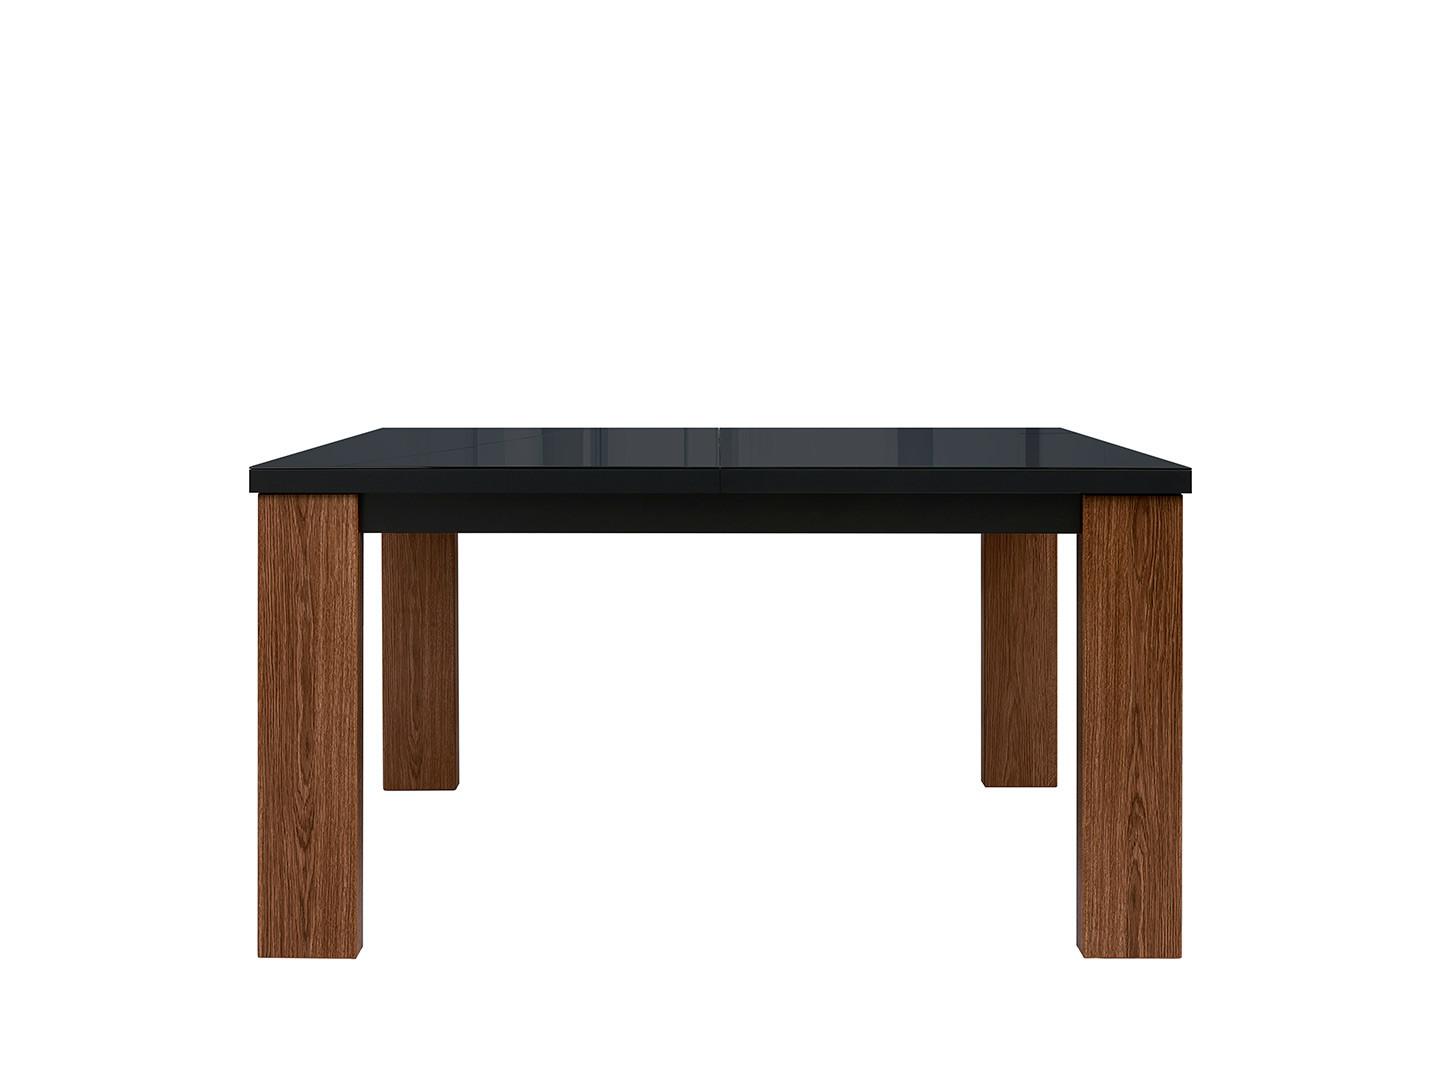 Jedálenský stôl AROSA STO/140 dub hnedý / čierny lesk